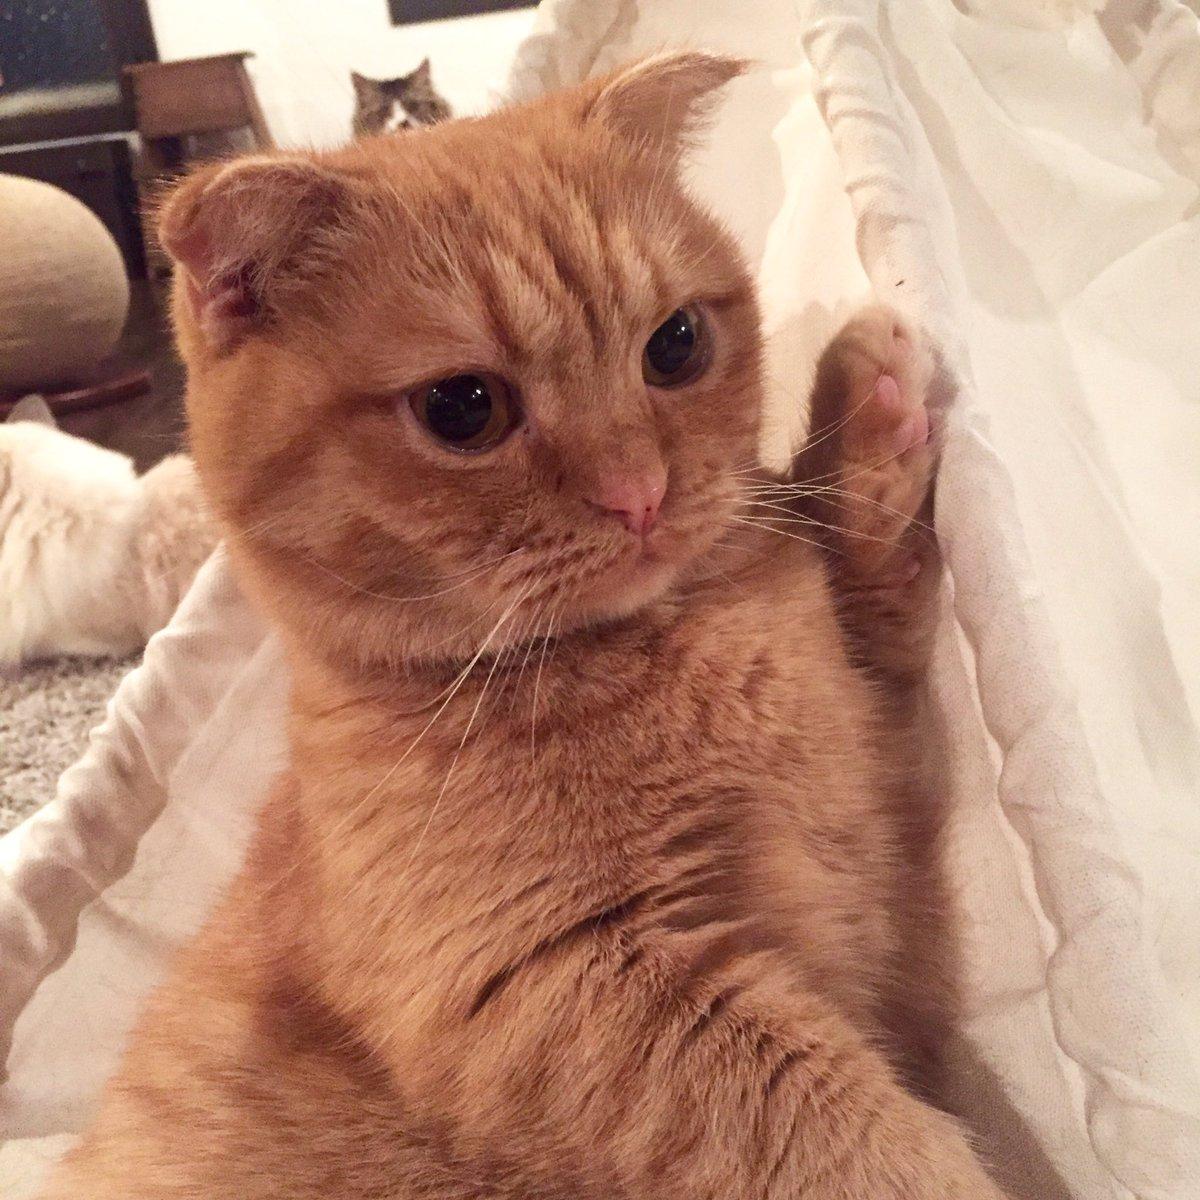 ウニちゃんの挙手が可愛くて写真を撮ったのに、ウニちゃんの頭から生えてるチビペコちゃんが気になってしまう。 pic.twitter.com/haPHU0Rxgy